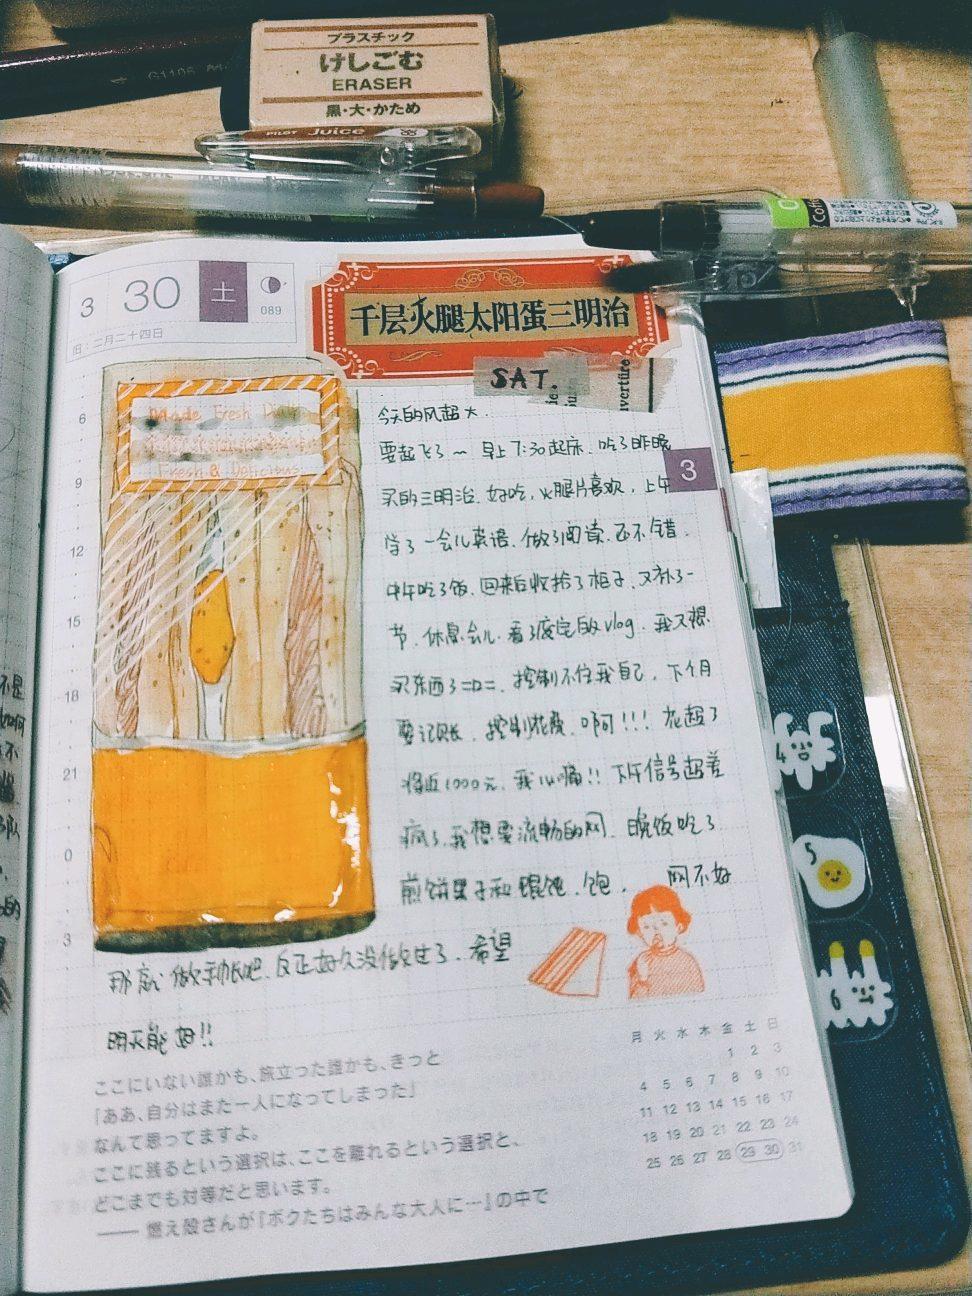 手帐 手账分享用到的笔:百乐贵妃钢笔... ,手帐工具